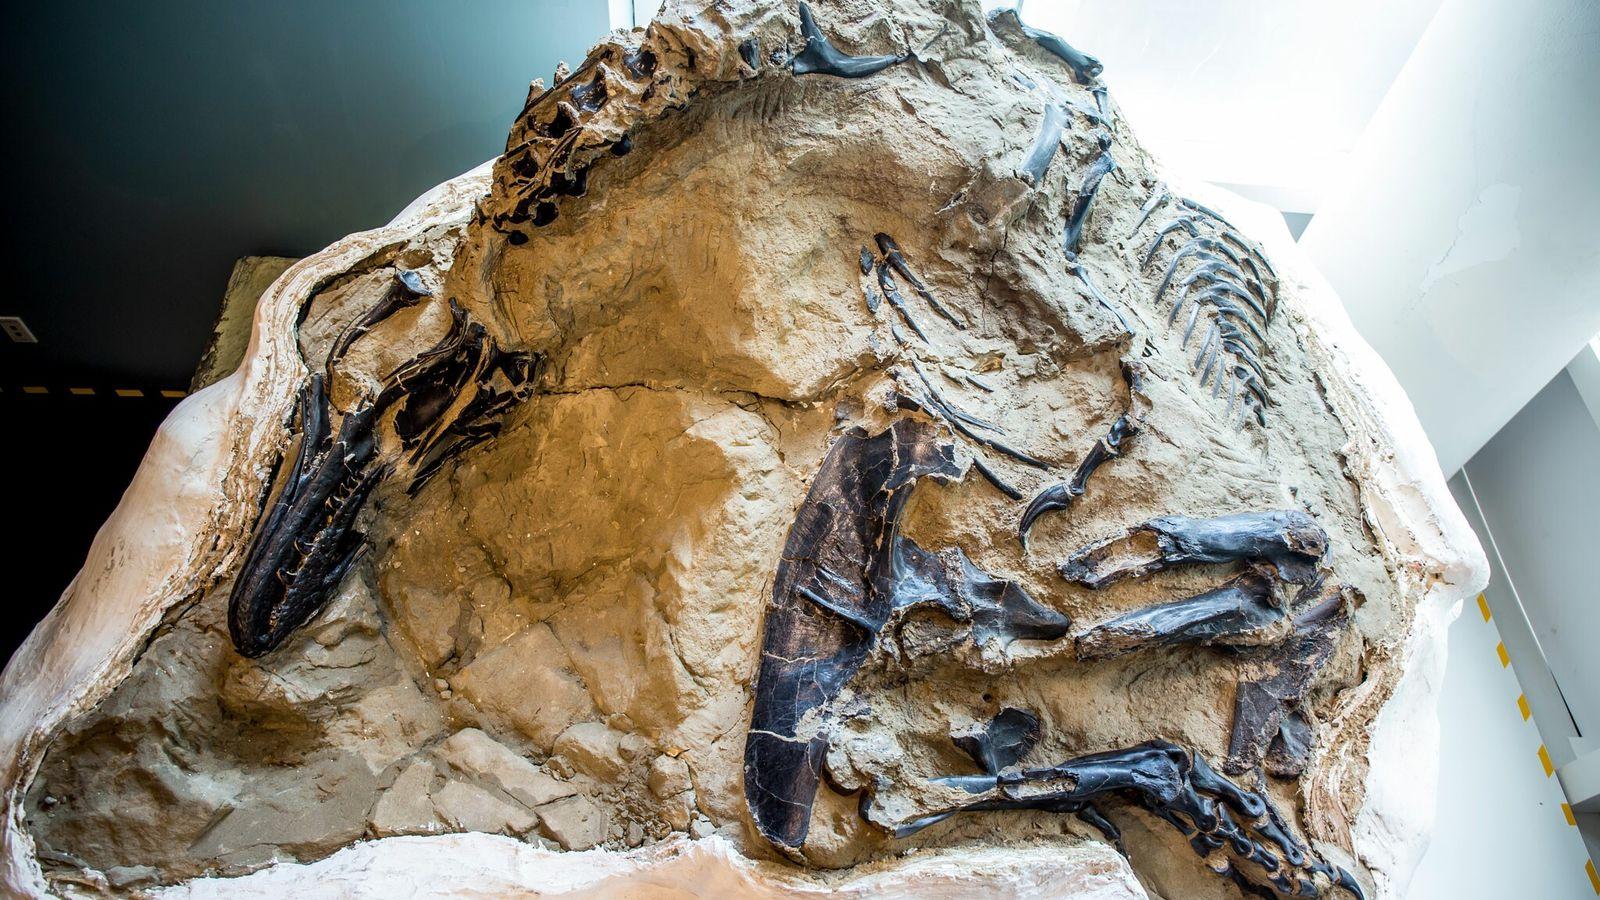 Ce magnifique squelette presque complet d'un tyrannosaure a été découvert en 2006 par des chasseurs de fossiles ...